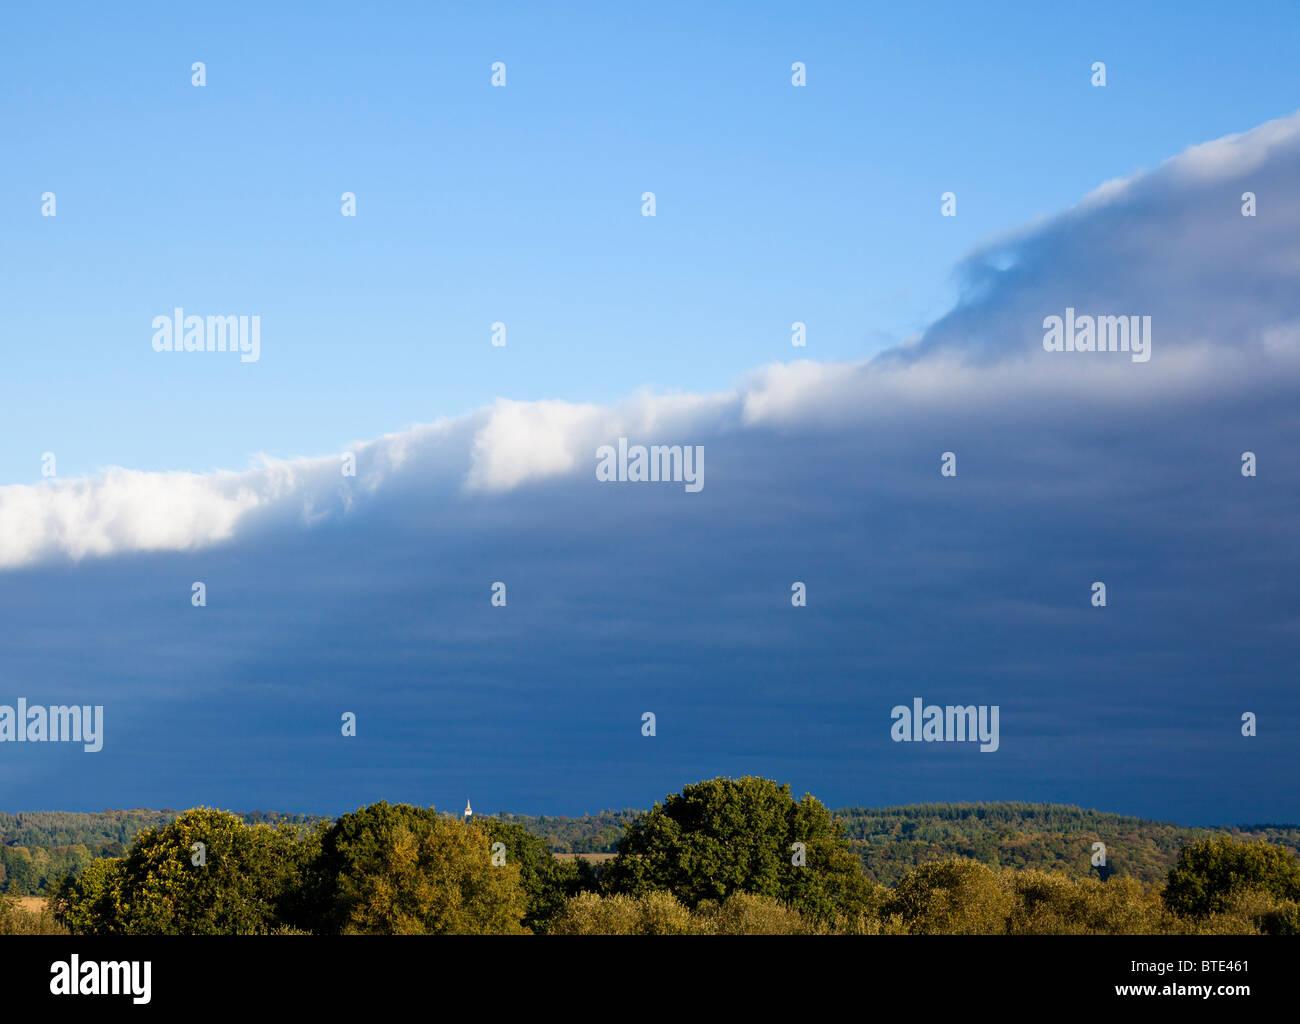 Kalten Wetterfront nähert sich mit stürmischen Himmel Stockbild